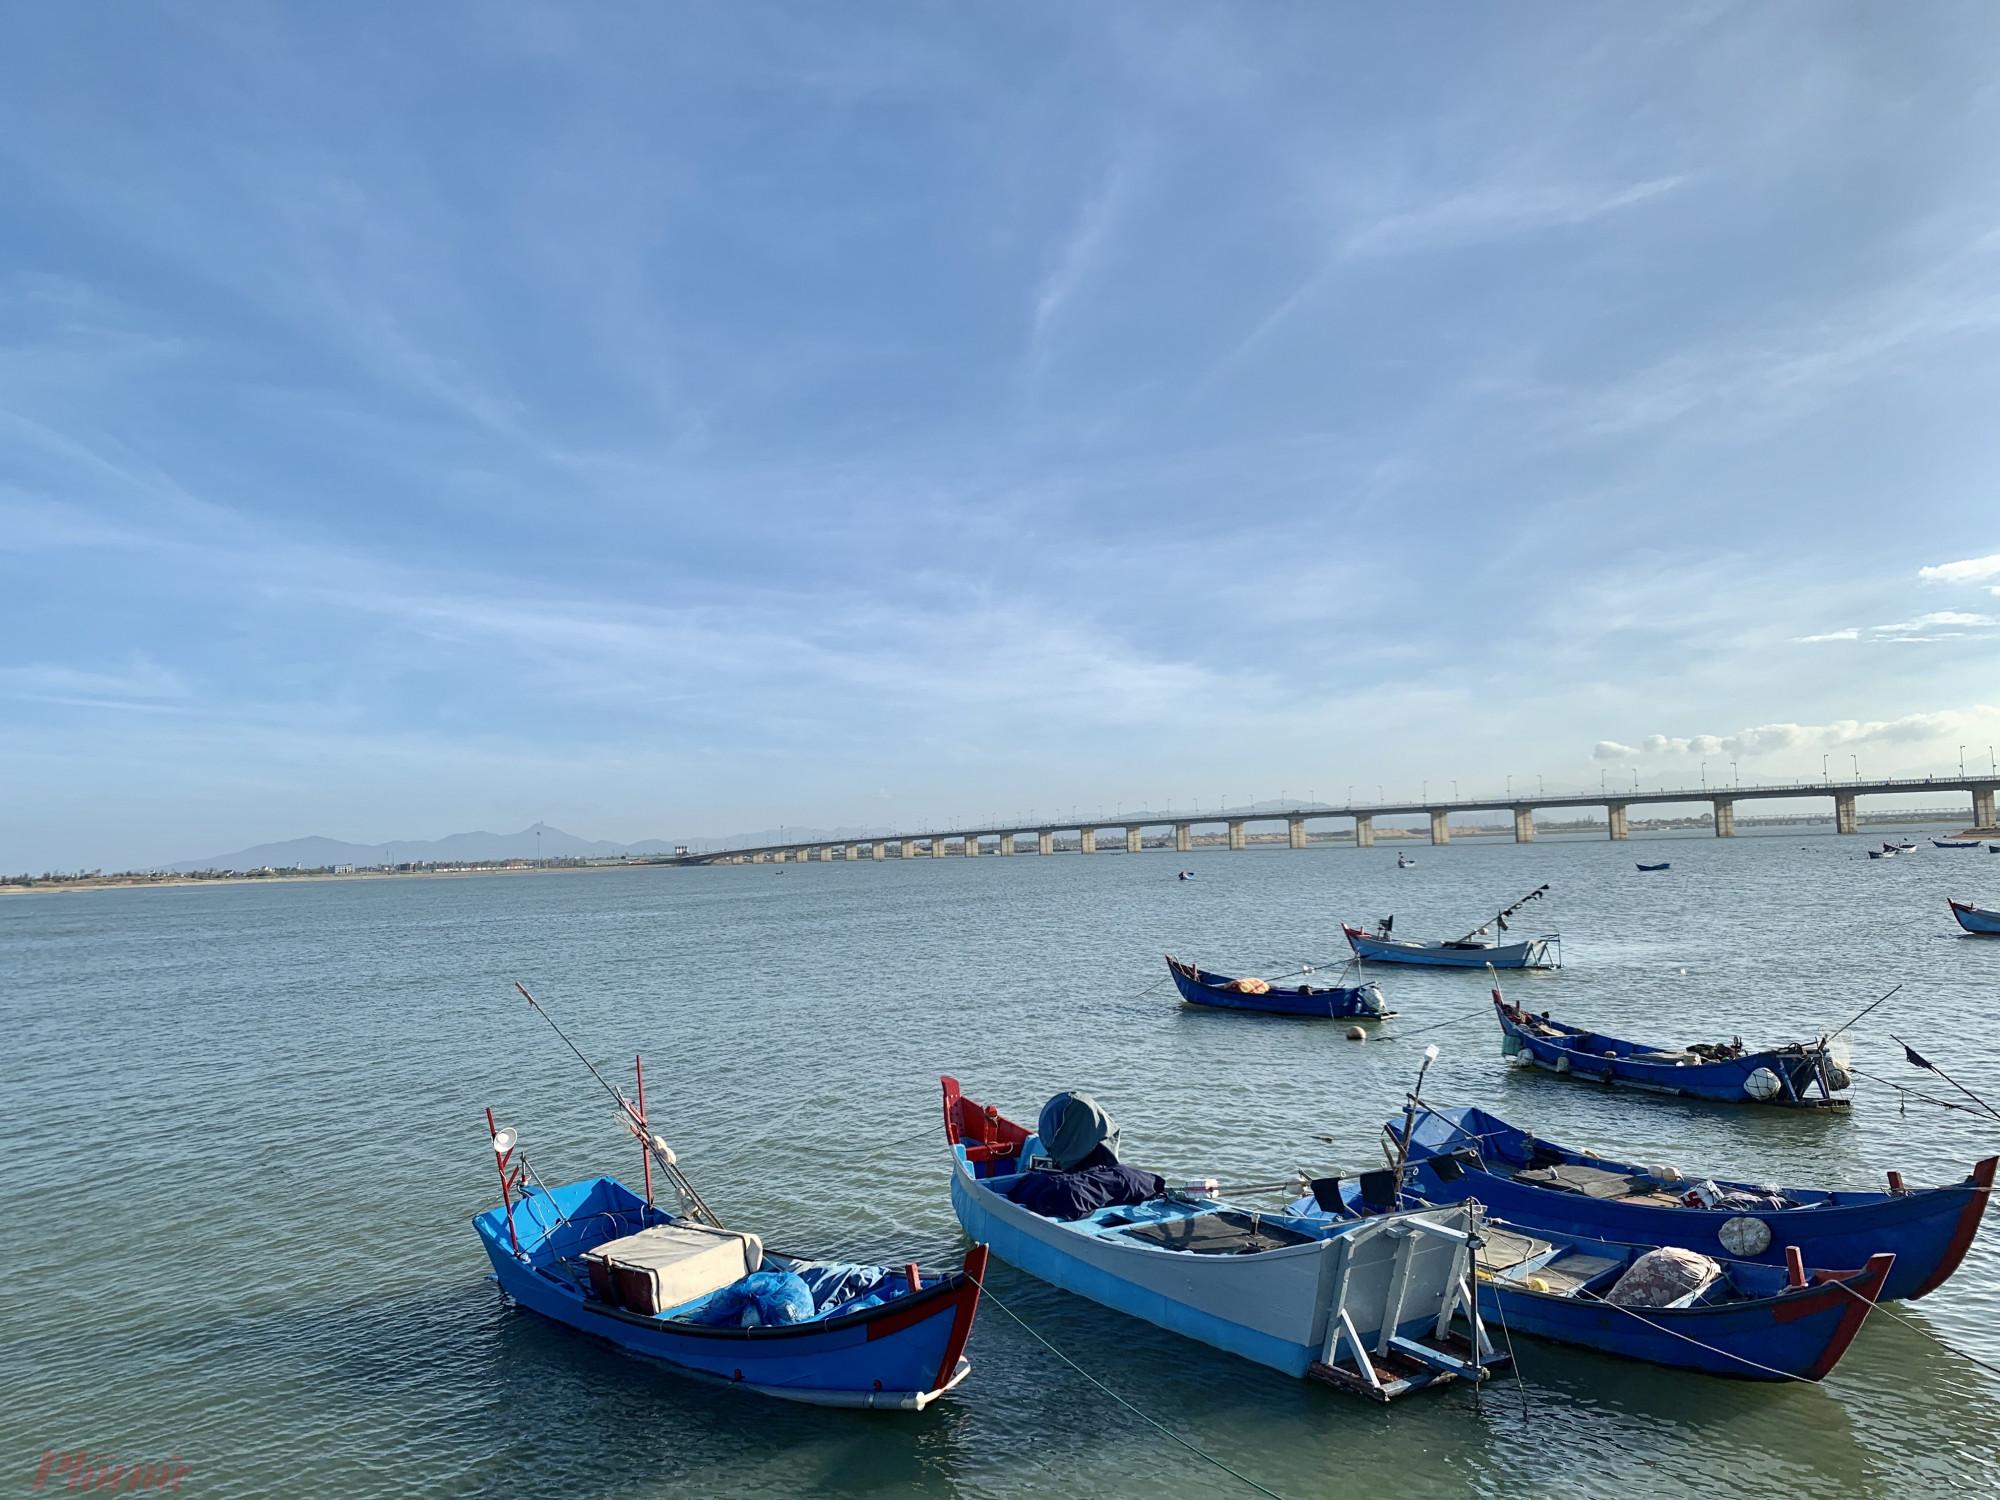 Những chiếc tàu đậu trên ở cửa biển